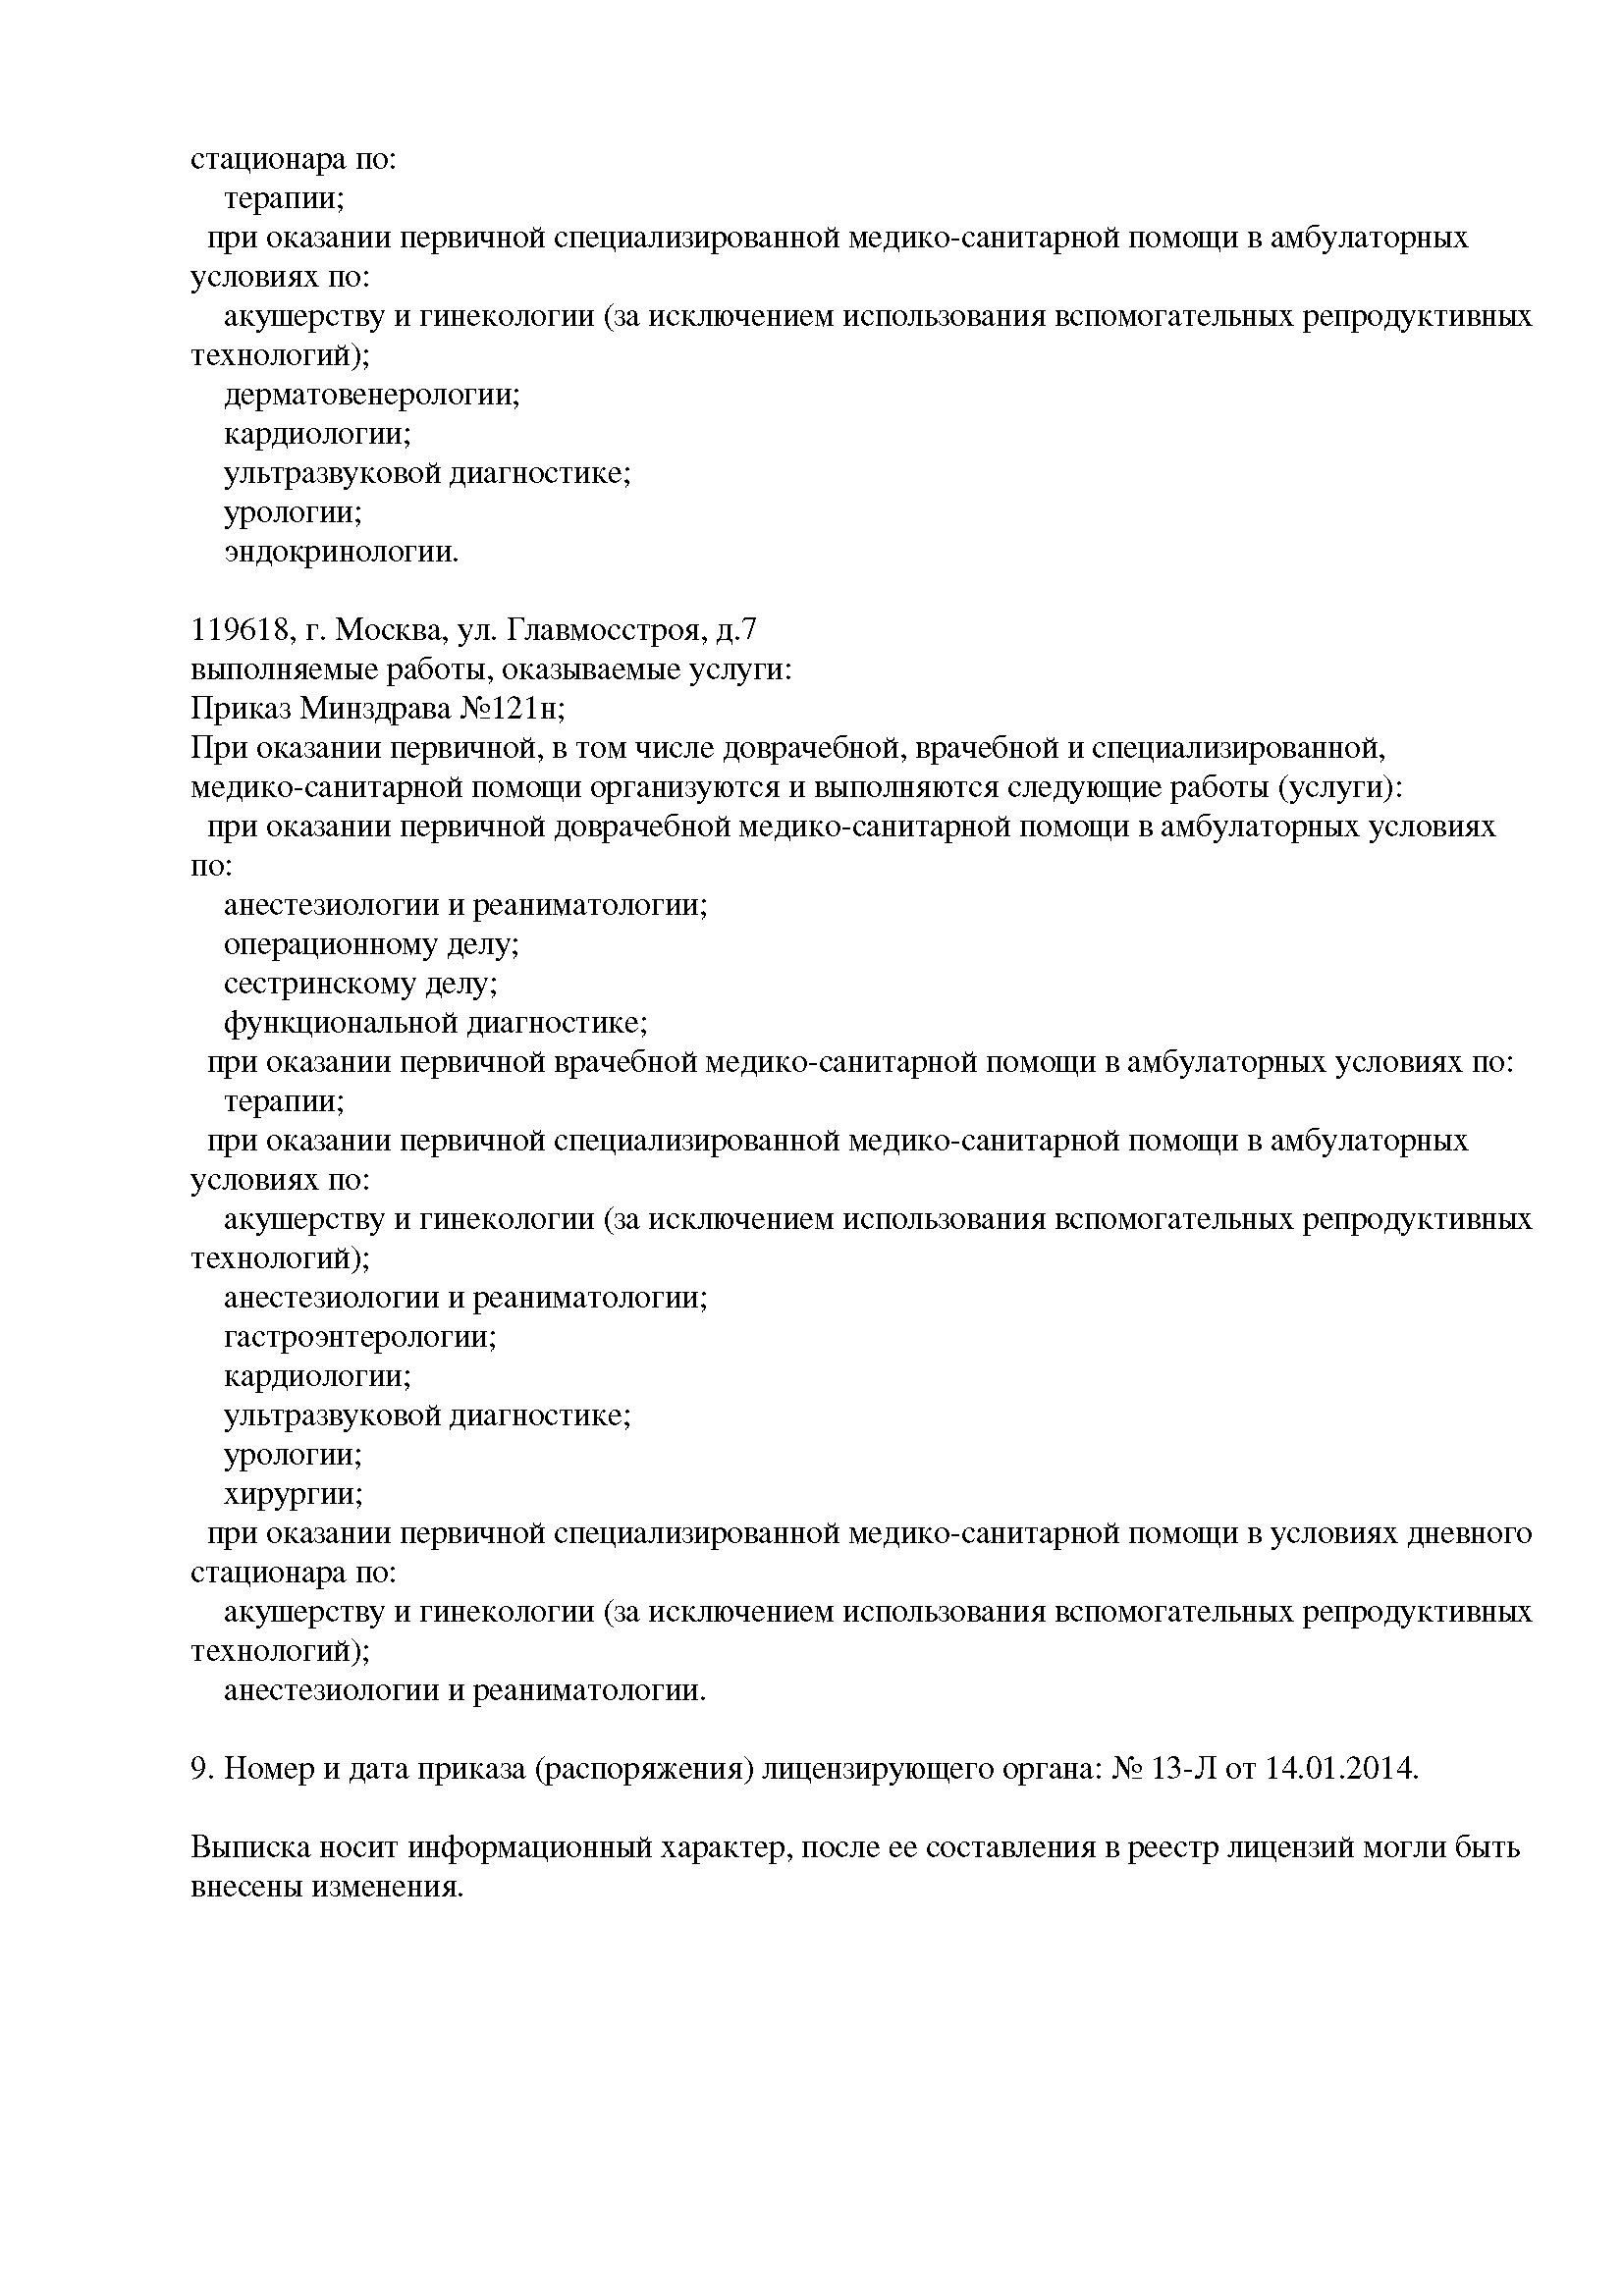 Выписка из реестра ООО «Многопрофильный центр МедЗдравСервис» - страница 2